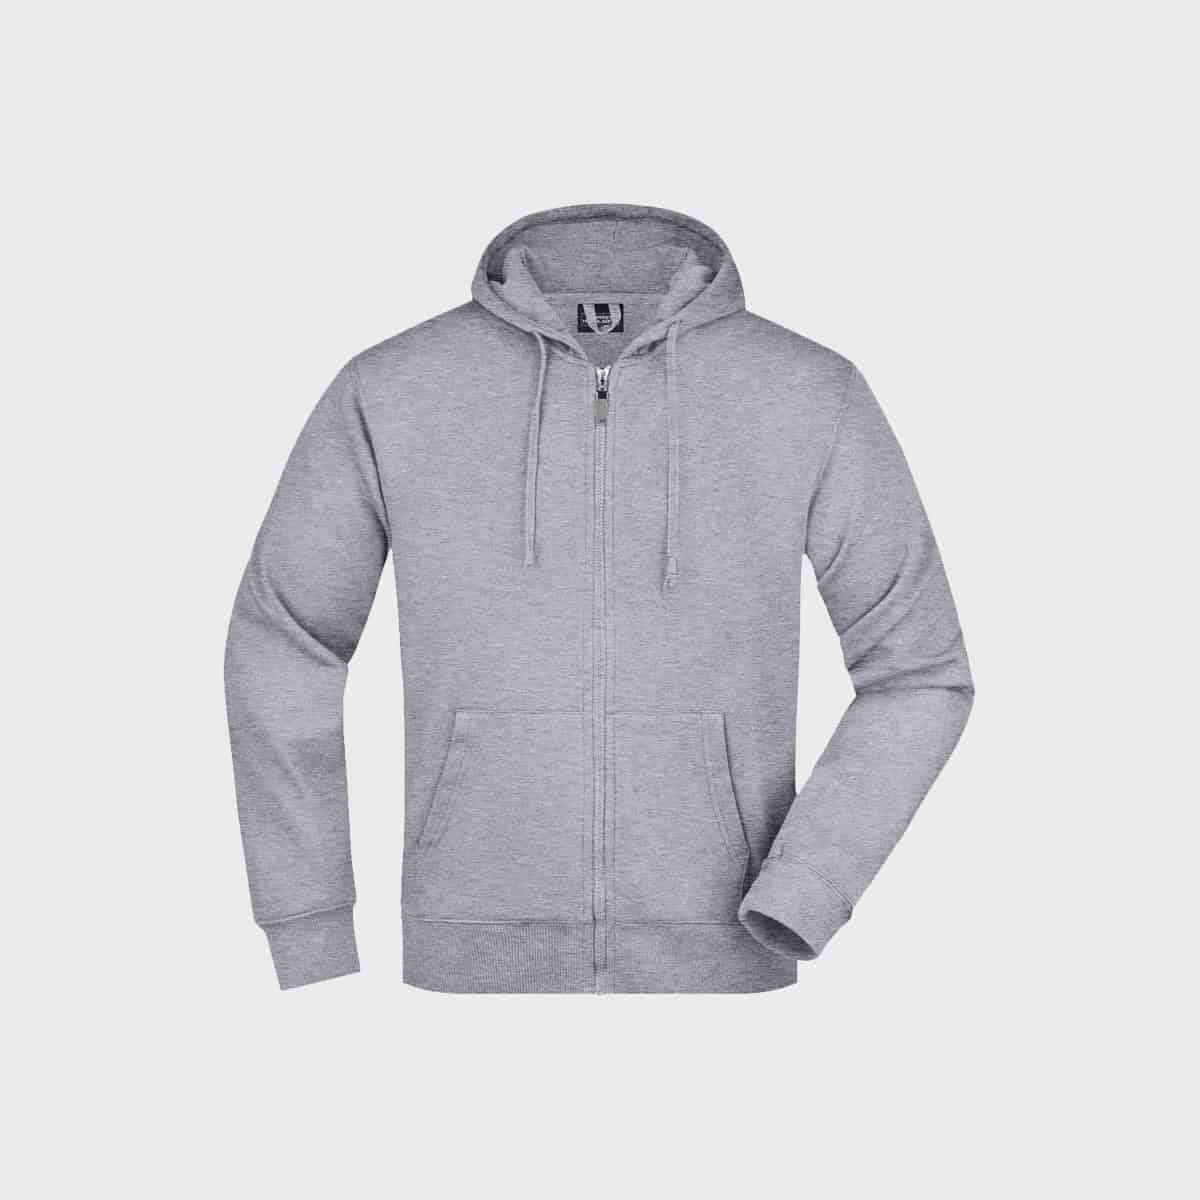 sweatjacke-hoodie-men-grey-kaufen-besticken_stickmanufaktur